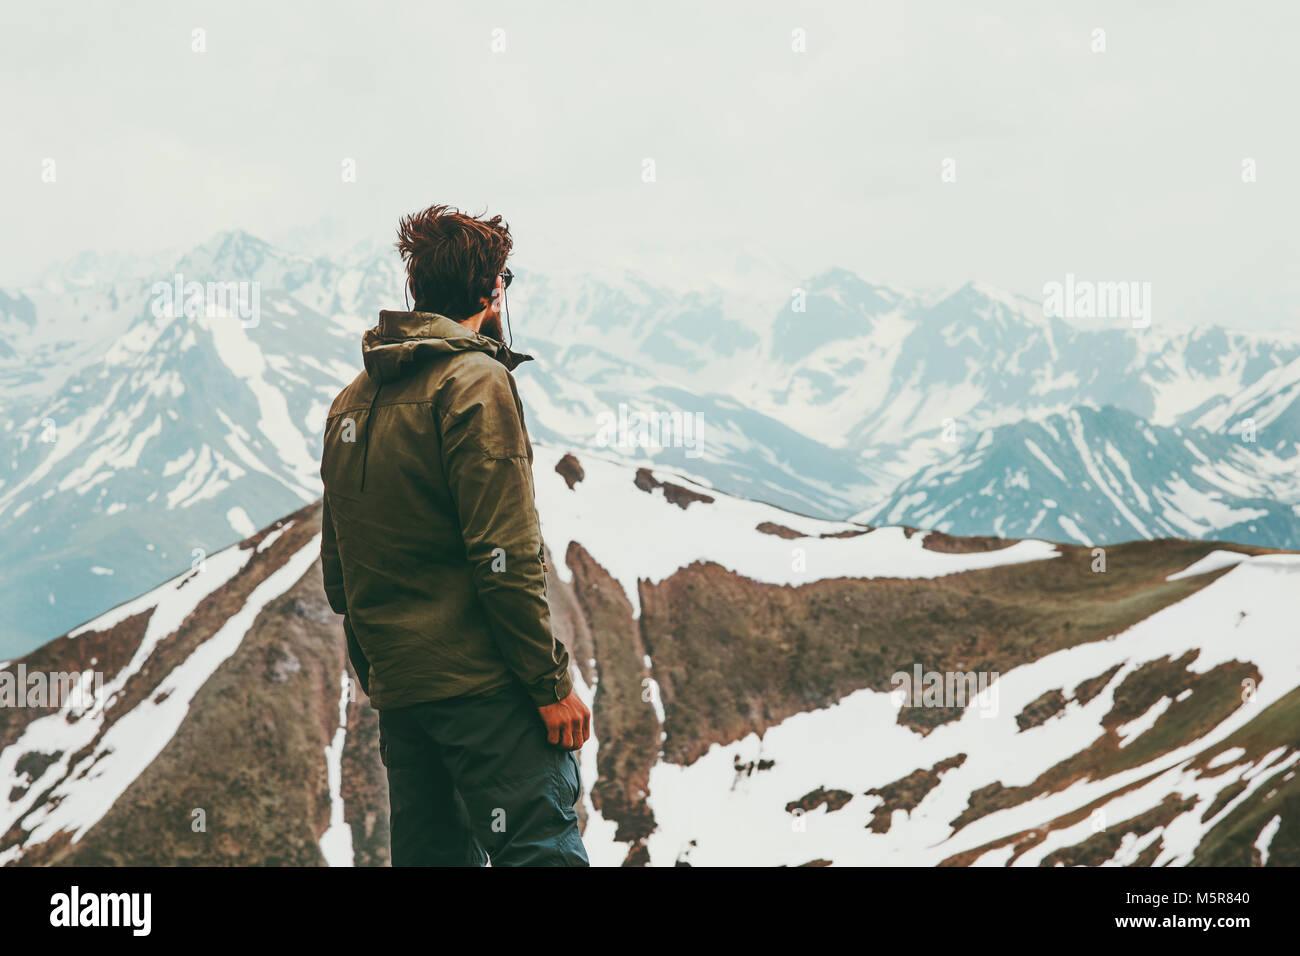 Man Reisende allein wandern Berge Landschaft Reisen Lifestyle Konzept Abenteuer Outdoor Aktiv Urlaub trekking sport Stockbild